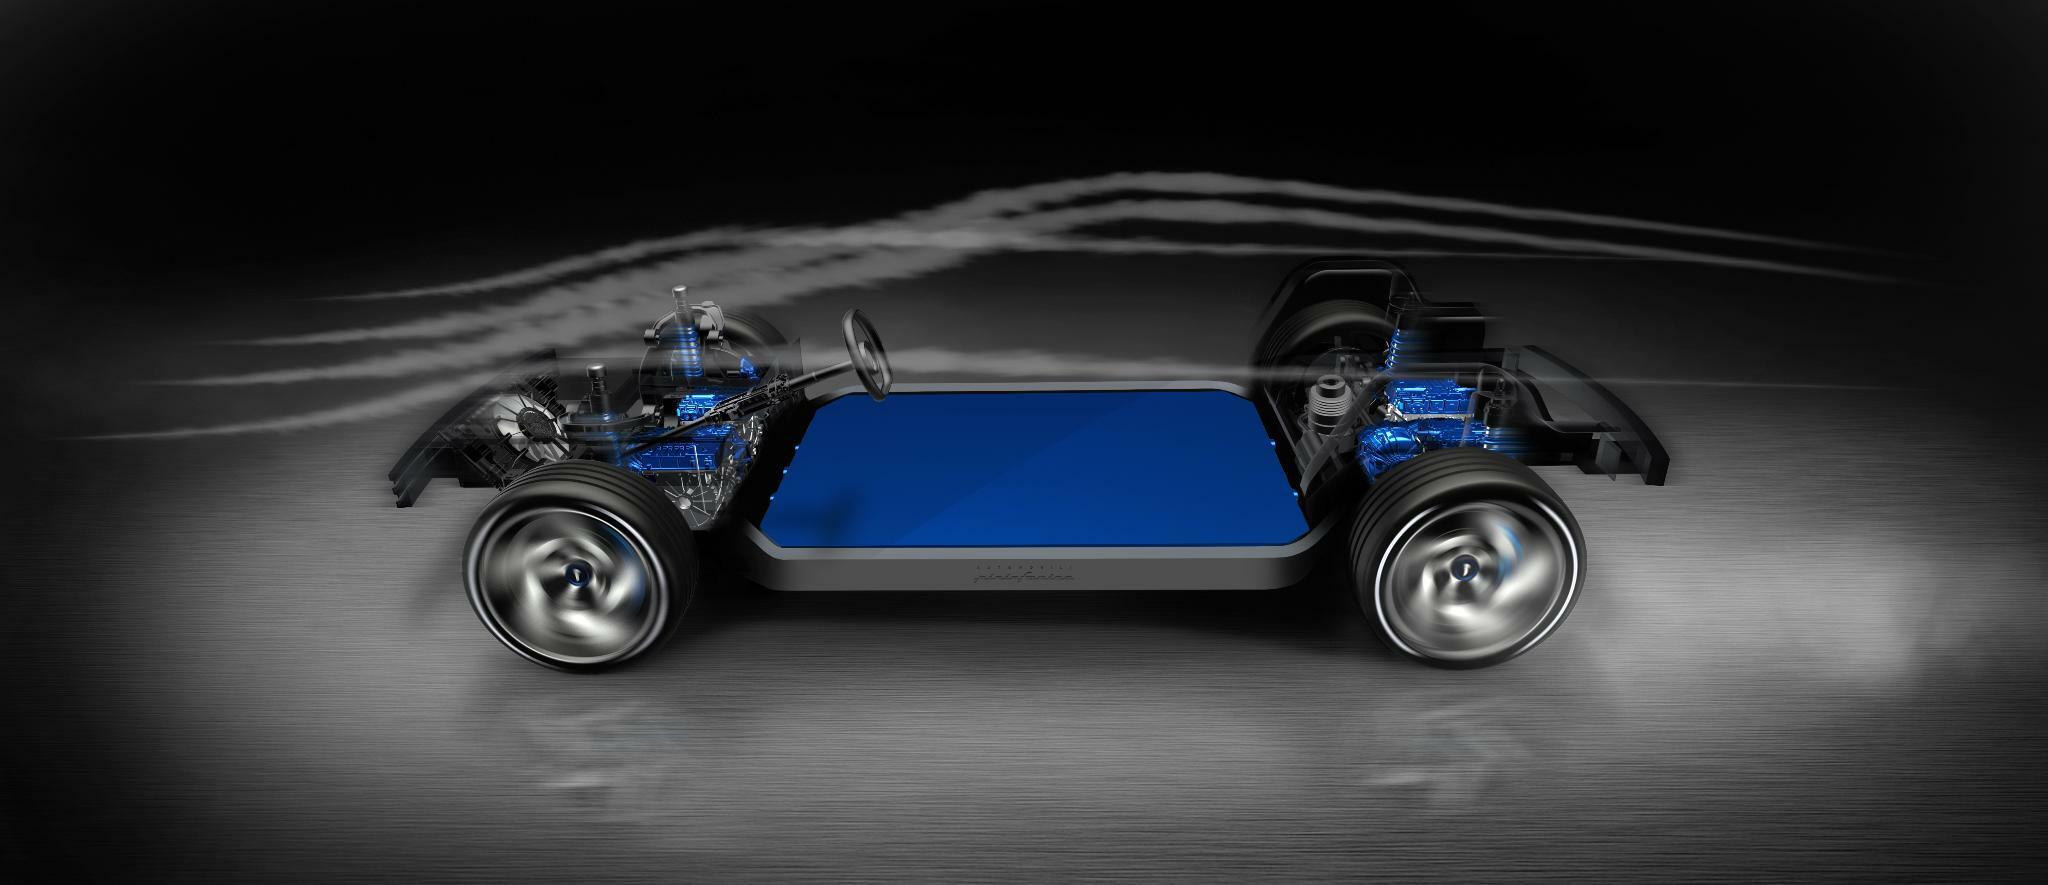 Mit neuen Chips will Bosch Elektroautos zum Durchbruch verhelfen